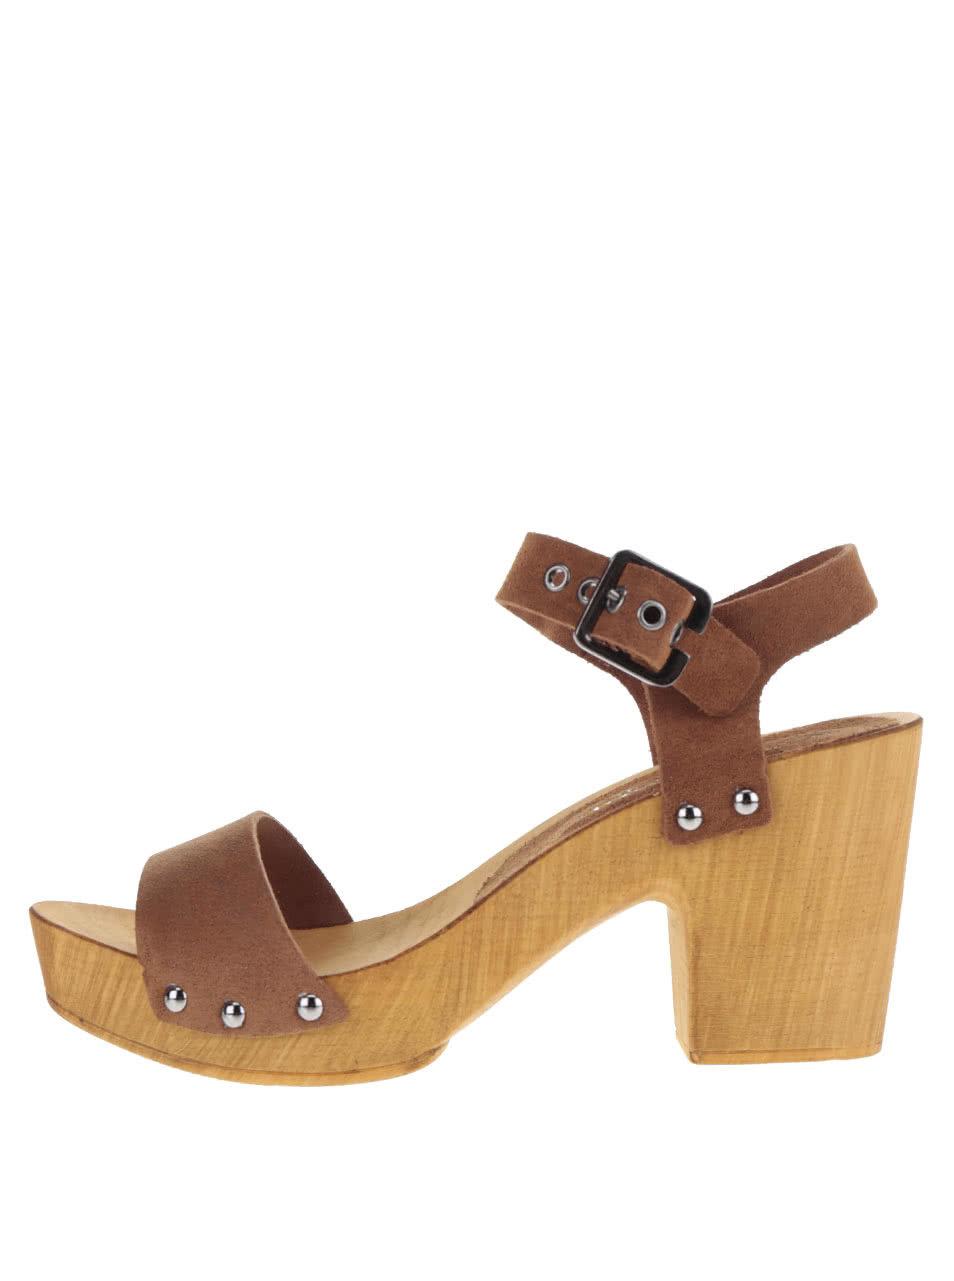 ad93861a63e Hnědé kožené sandálky na širokém podpatku VERO MODA Sima ...